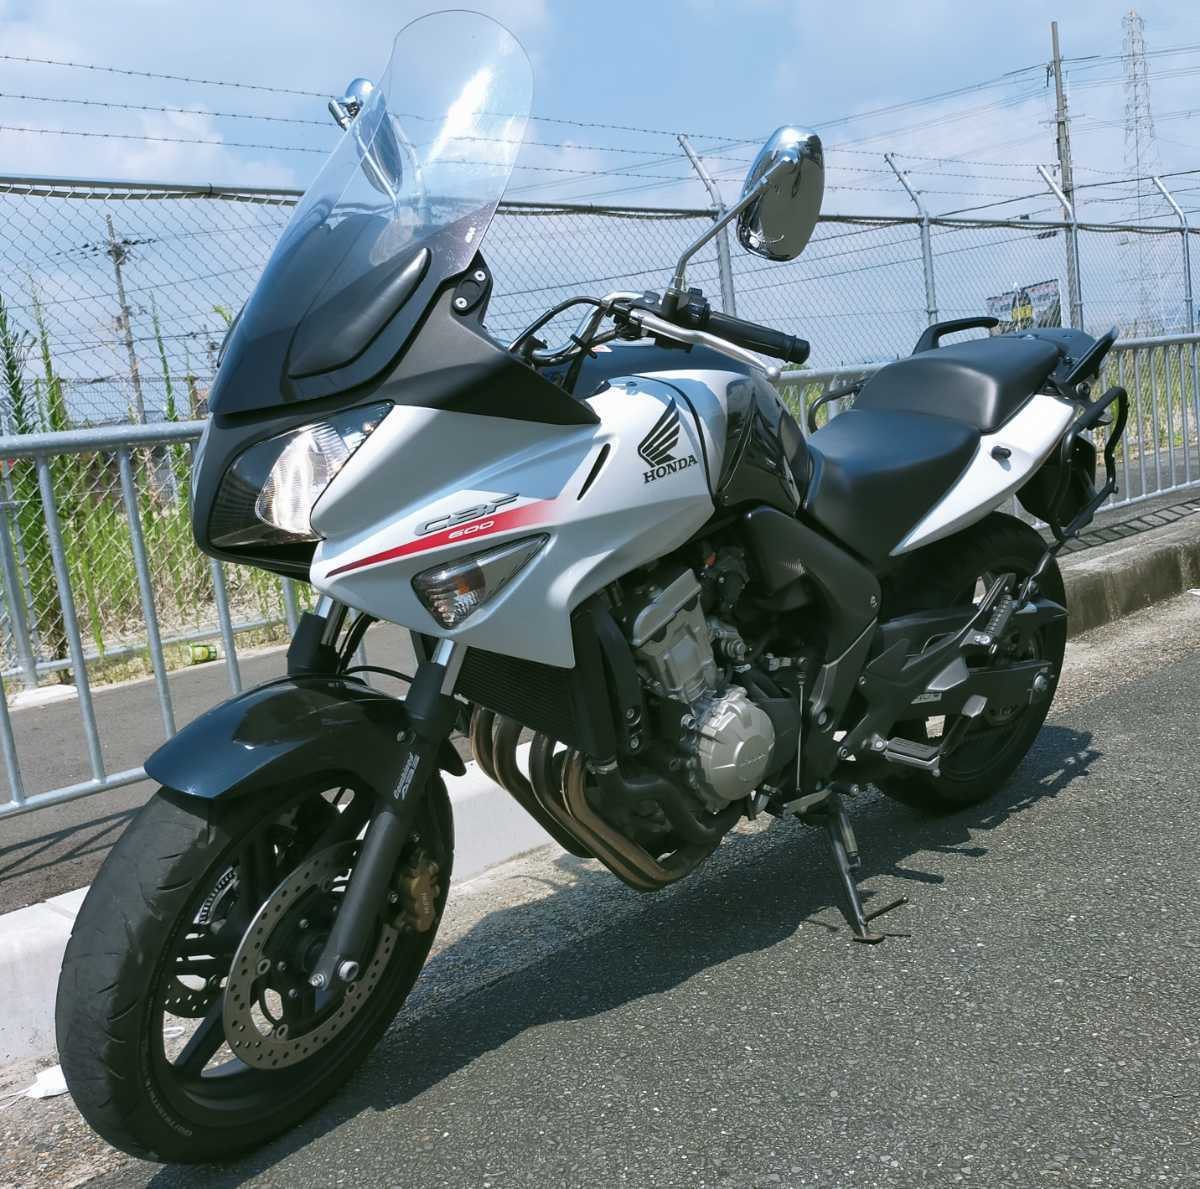 「即決で送料込CBF600S ABS.ETC 検)CBR600RRエンジン搭載 ホーネット600 gsx-s ninja cb600r mt cbr600f z」の画像1